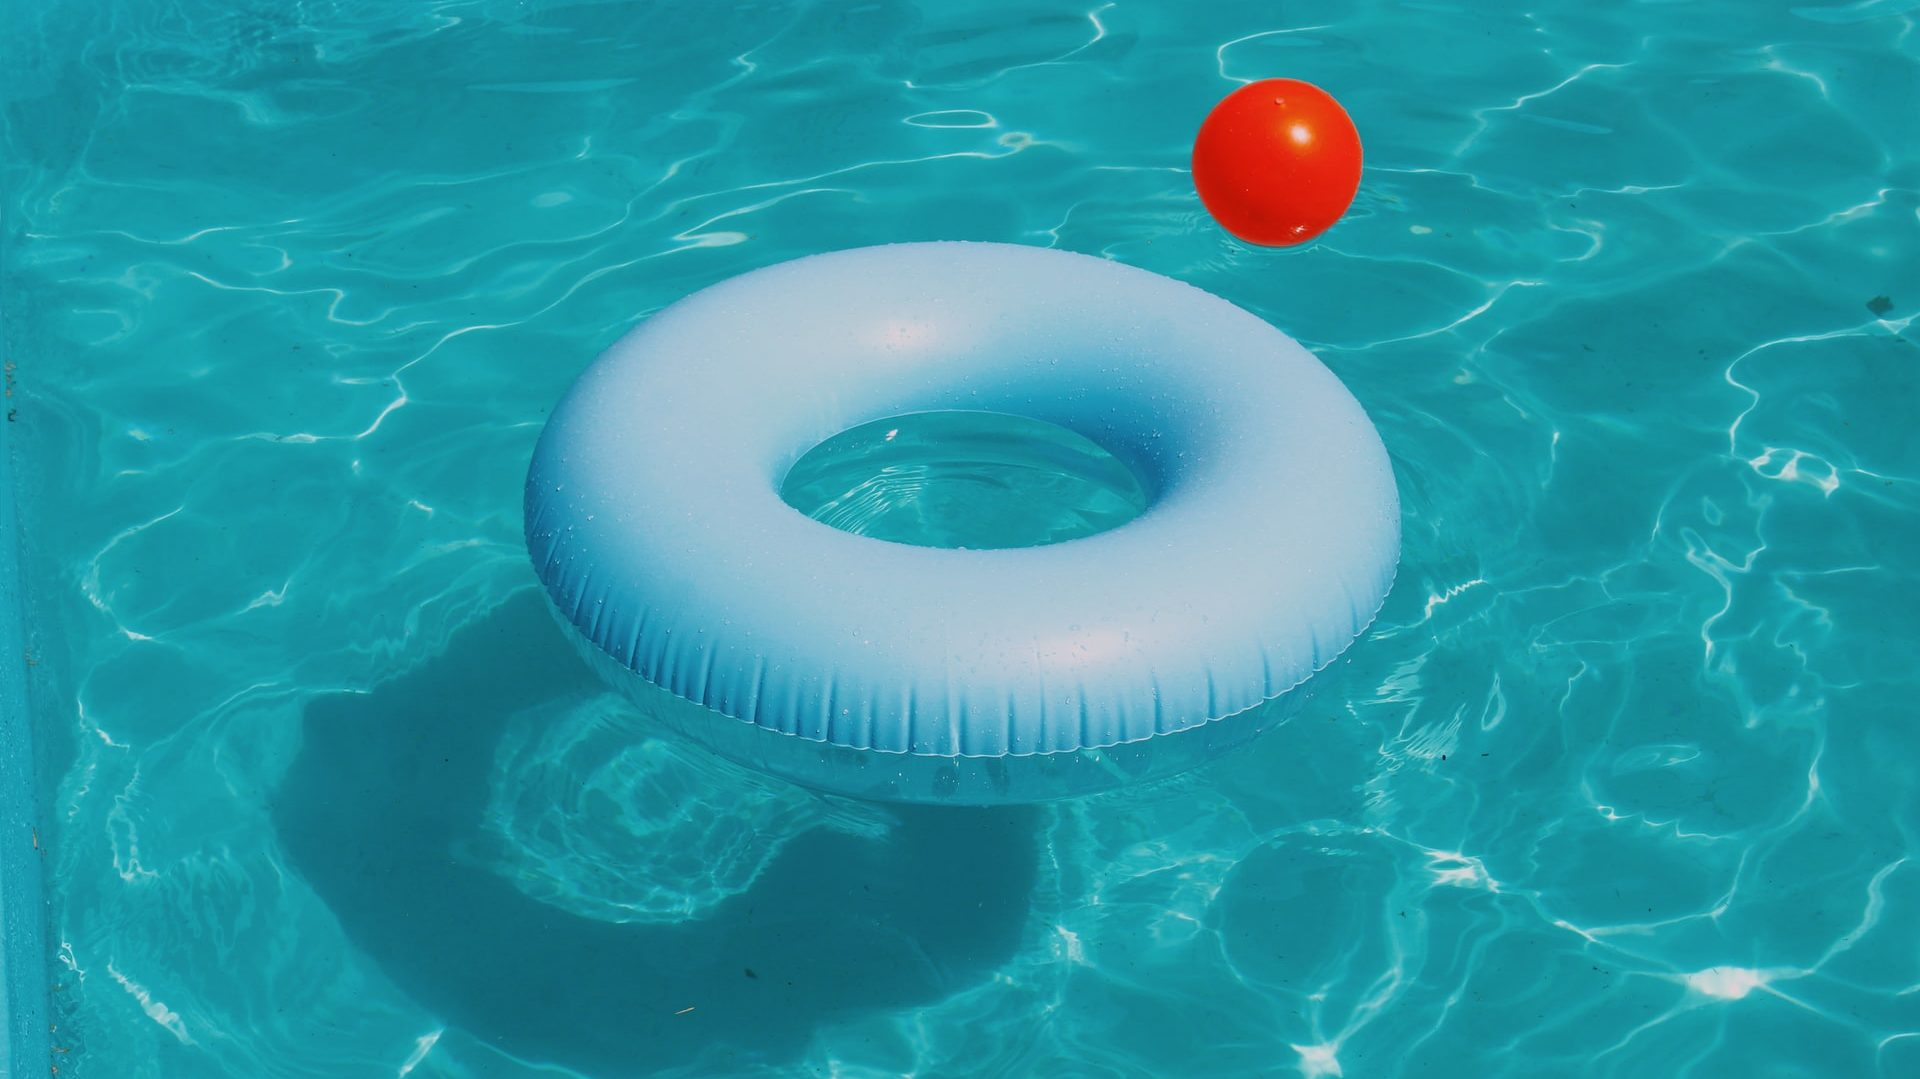 Opblaasbare band in water, met rode bal. Bovenaanzicht